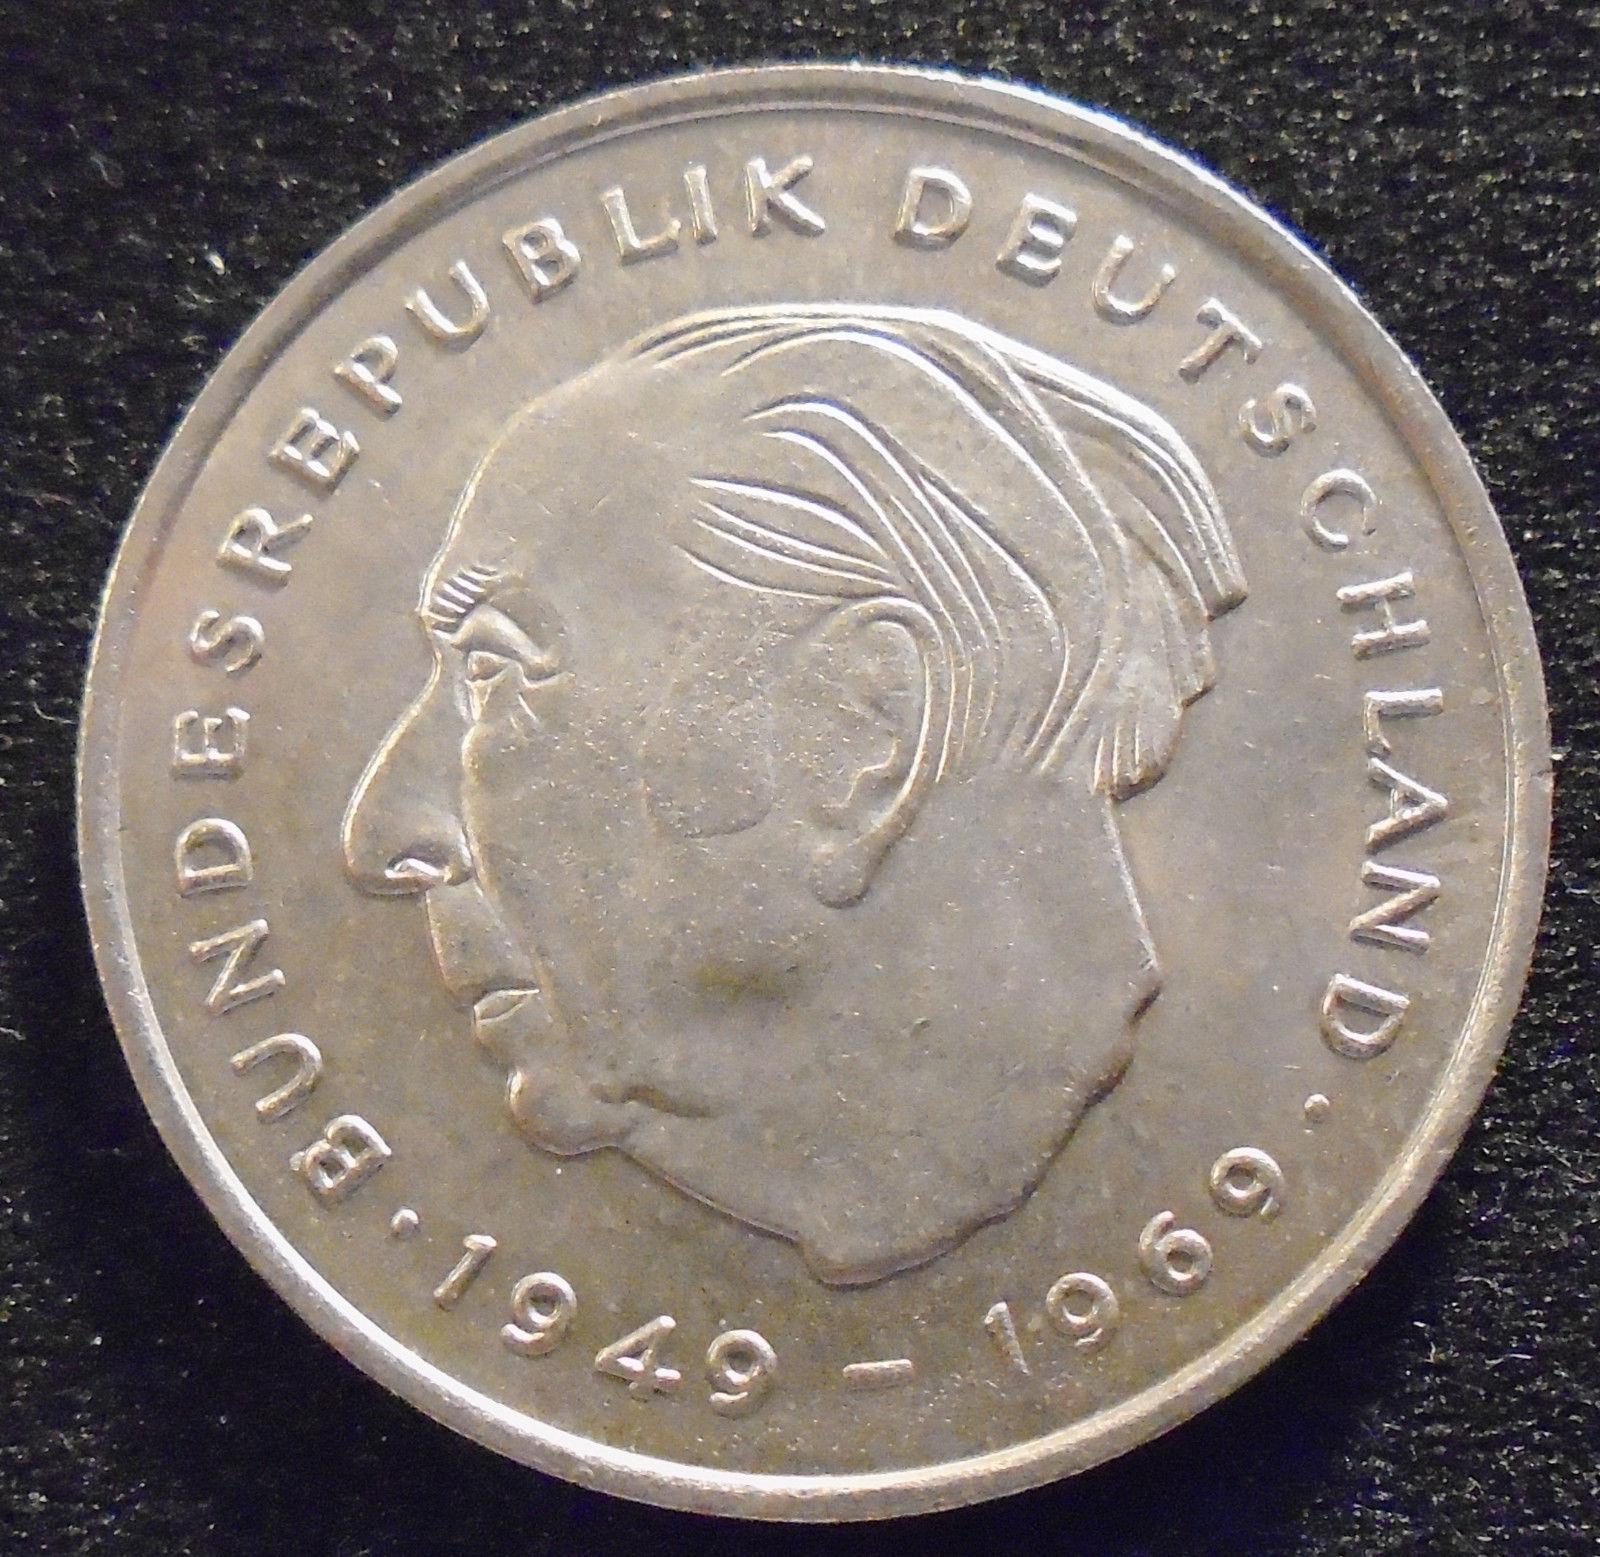 1971 2 deutsche mark coin value